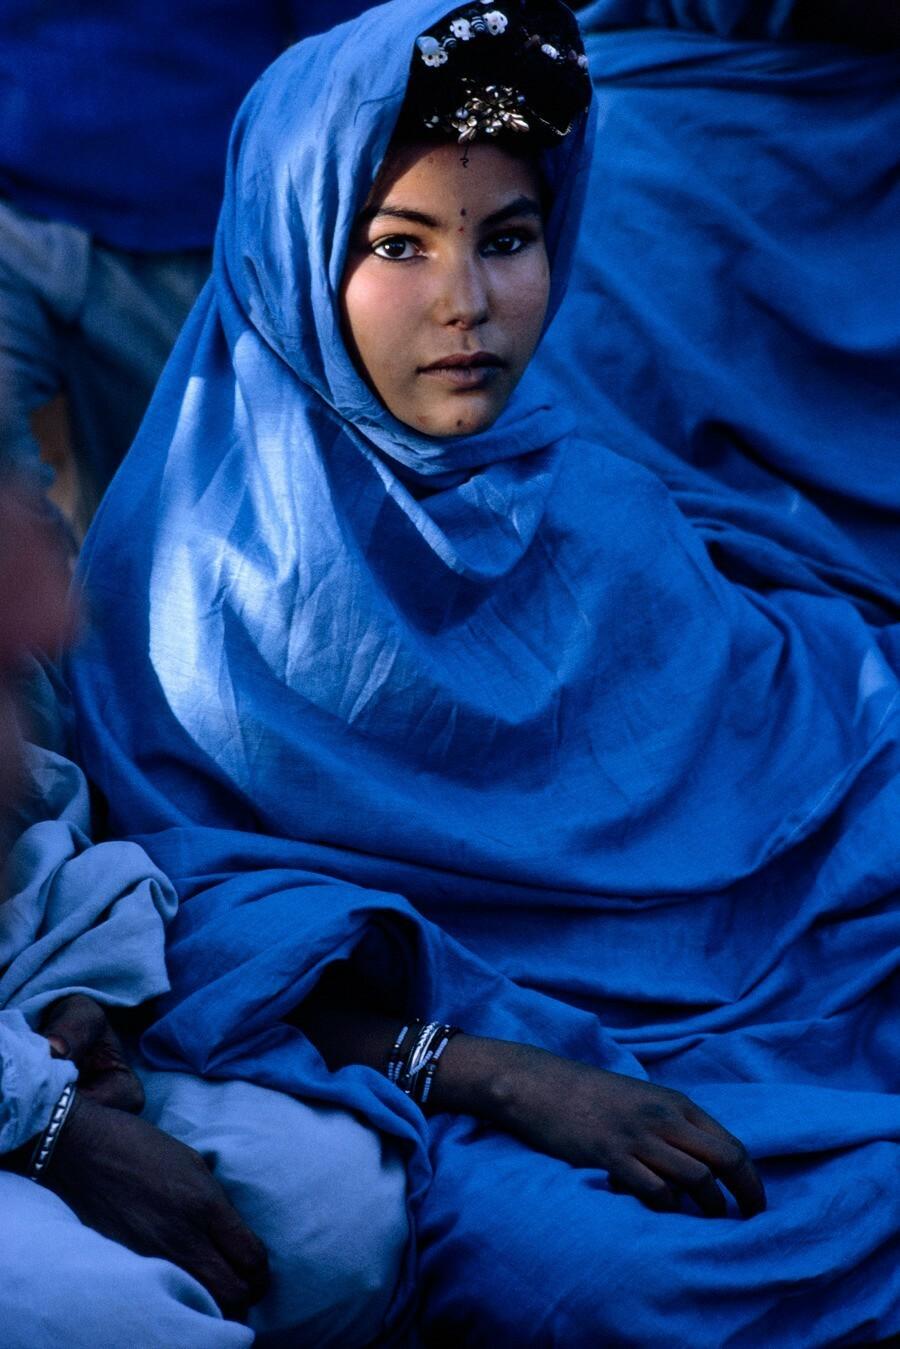 Женщина из кочевого племени в Алжире, 1967. Фотограф Джонатан Блэр